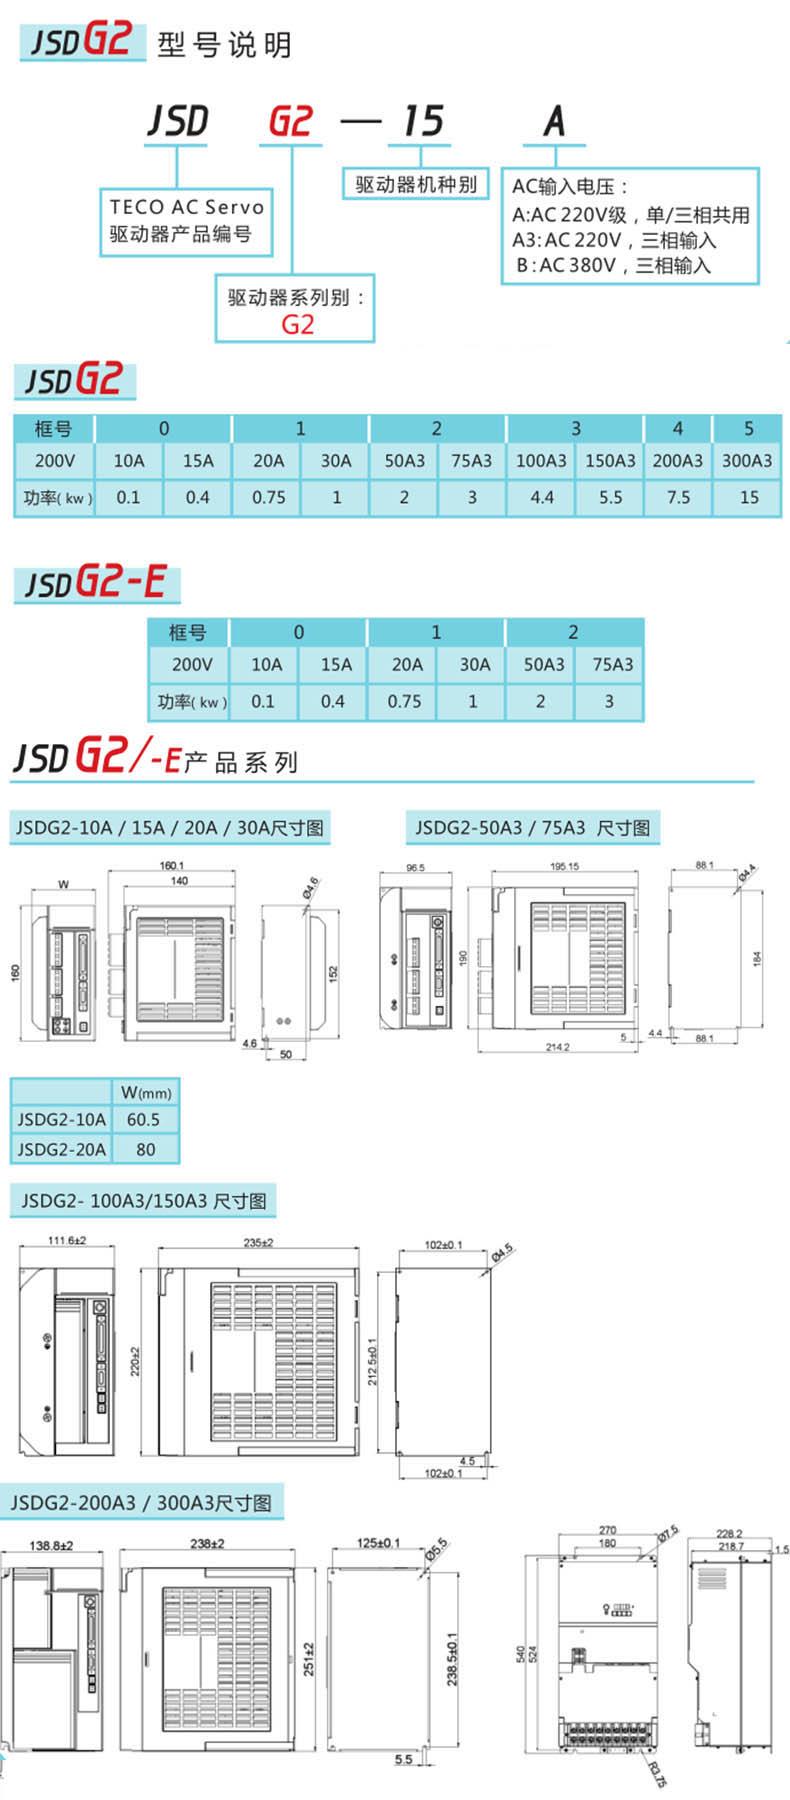 JSDG2交流伺服驱动器规格参数